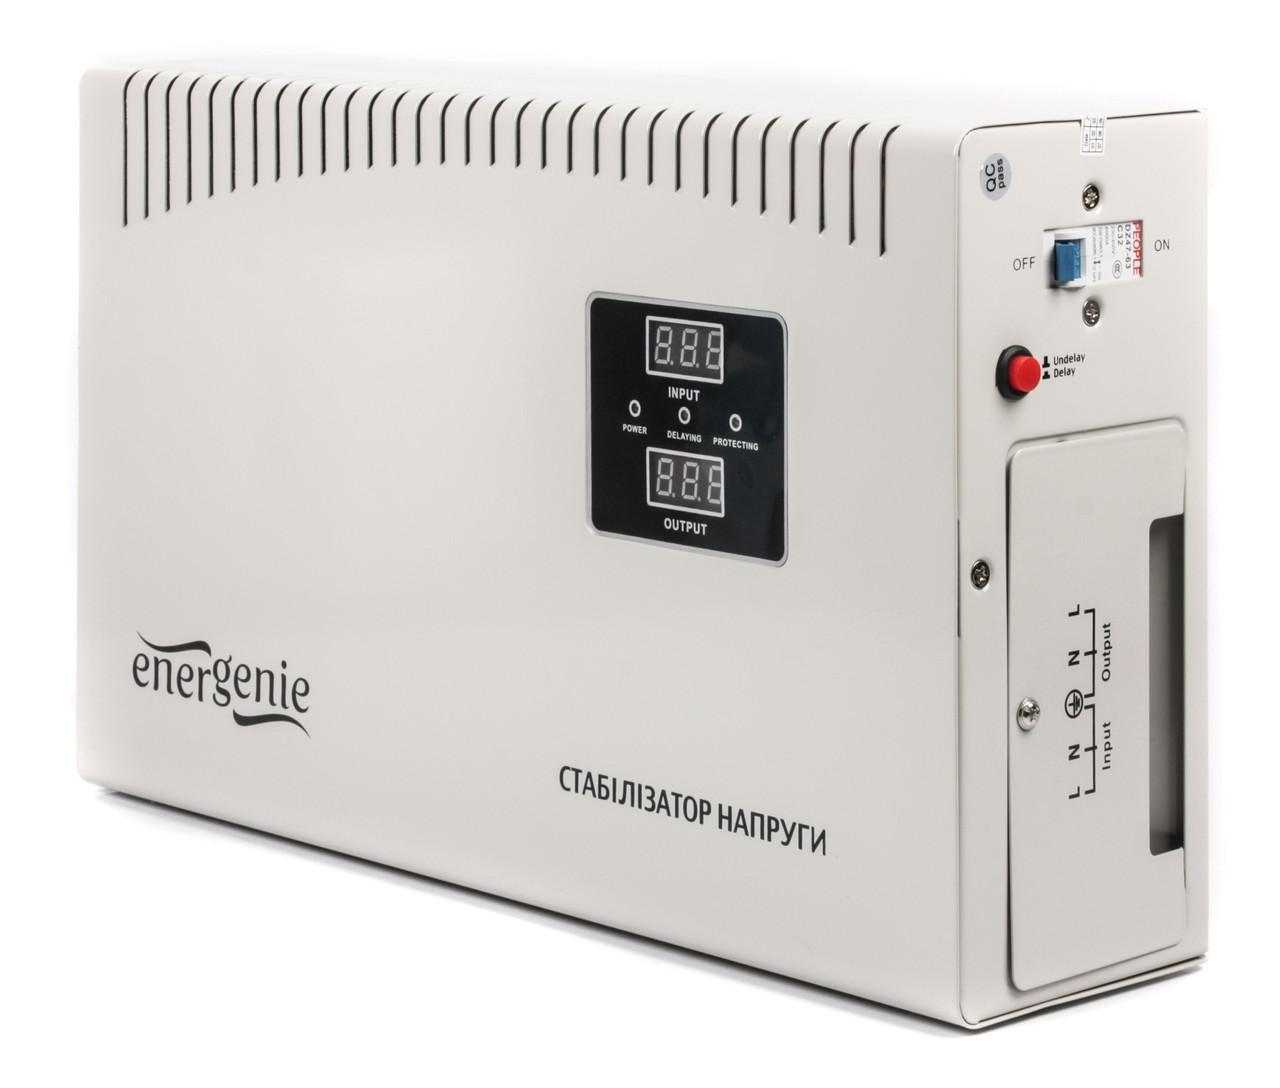 Стабилизатор напряжения 230 В, 3000 ВА(релейный)